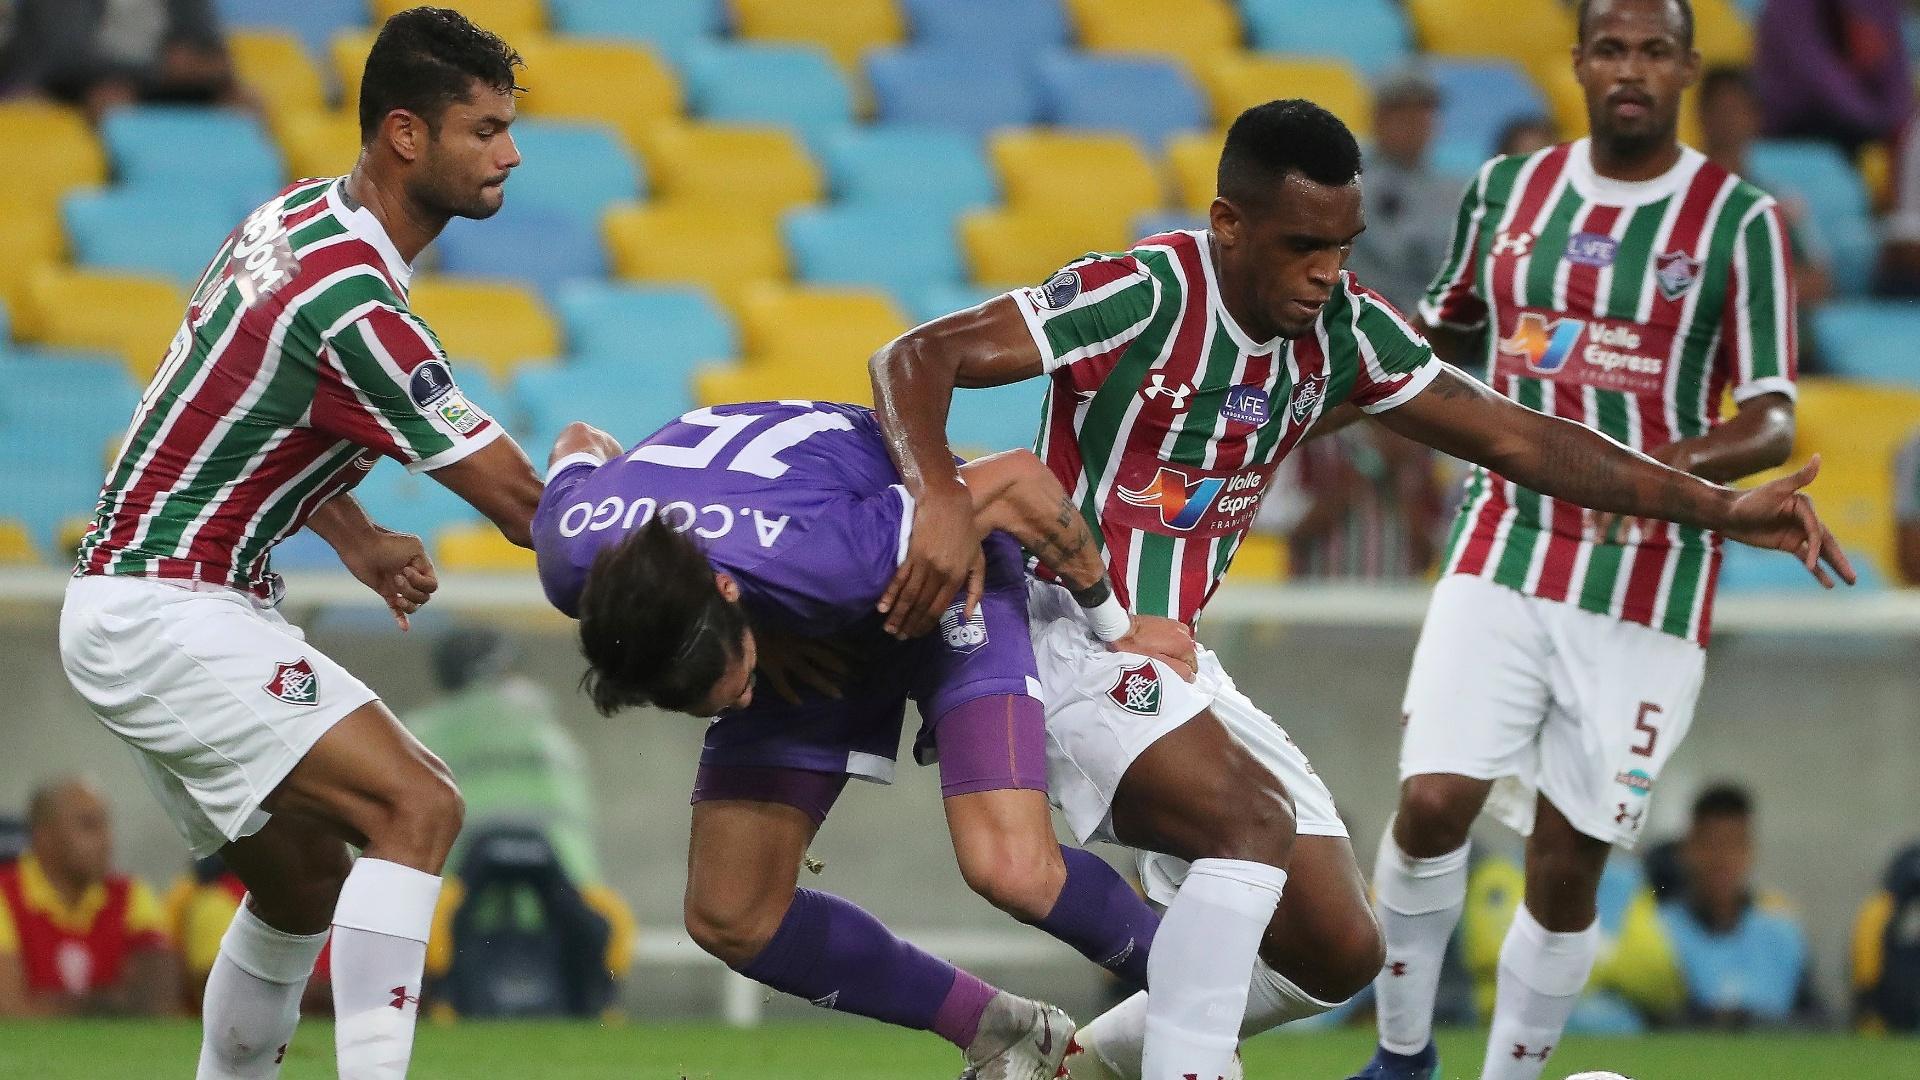 Dum e Digão desarmam Ayrton Cougo no jogo entre Fluminense e Defensor